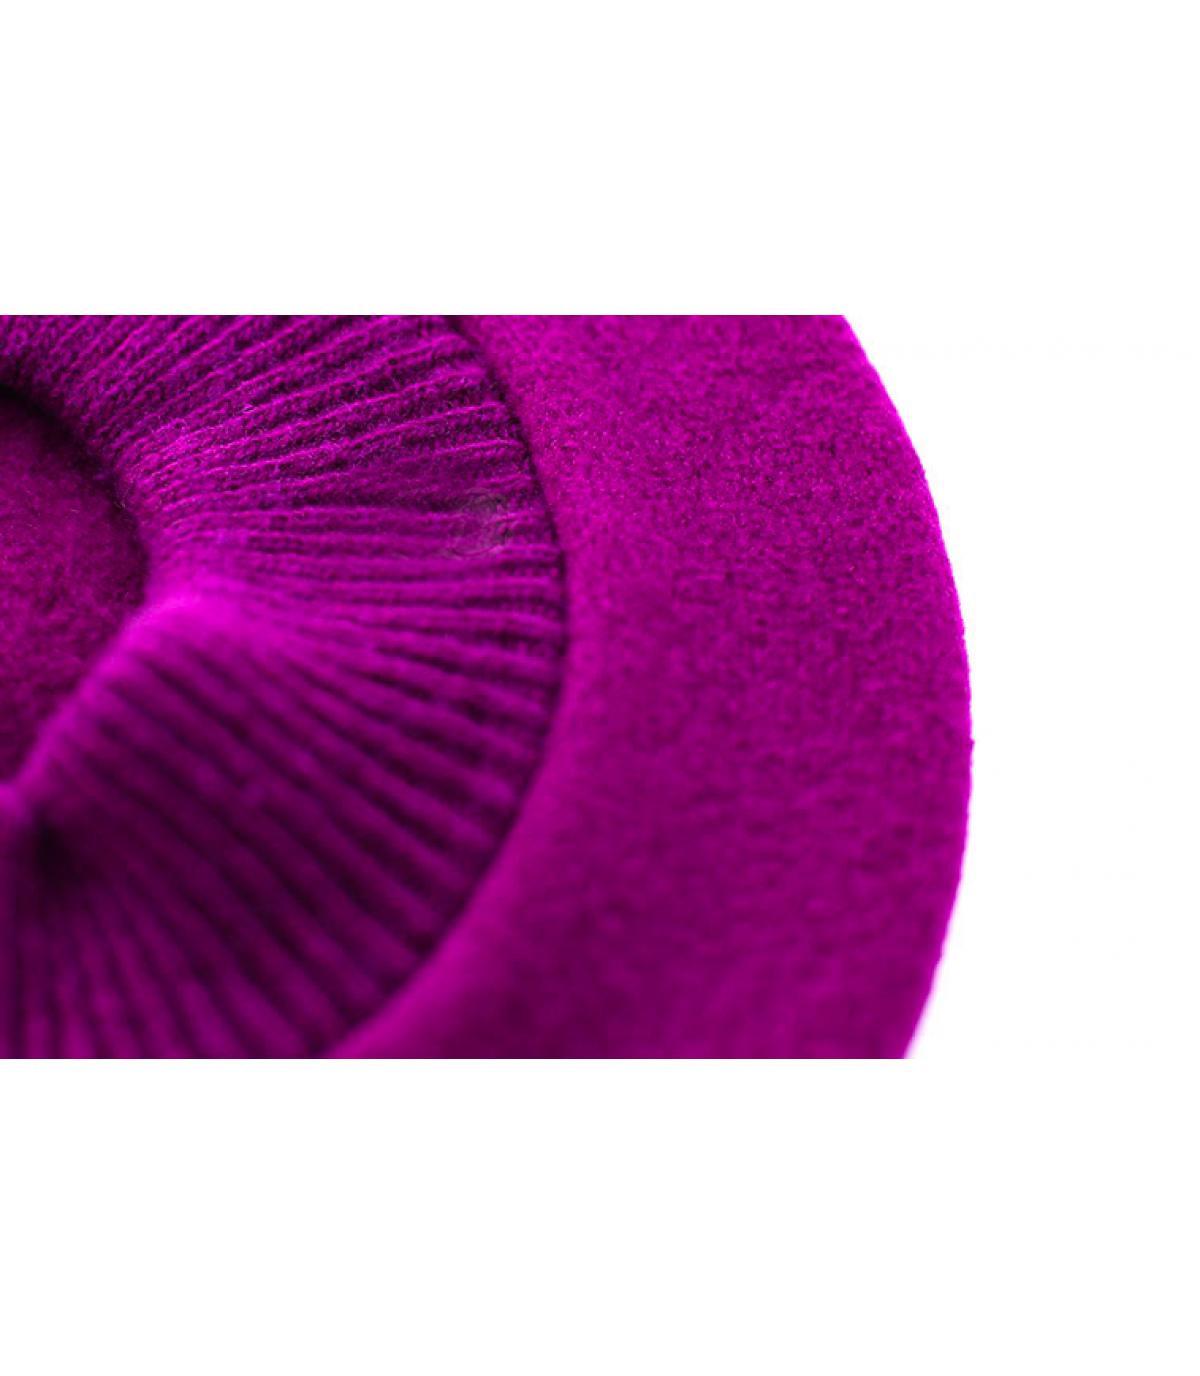 Détails Parisienne purple - image 3